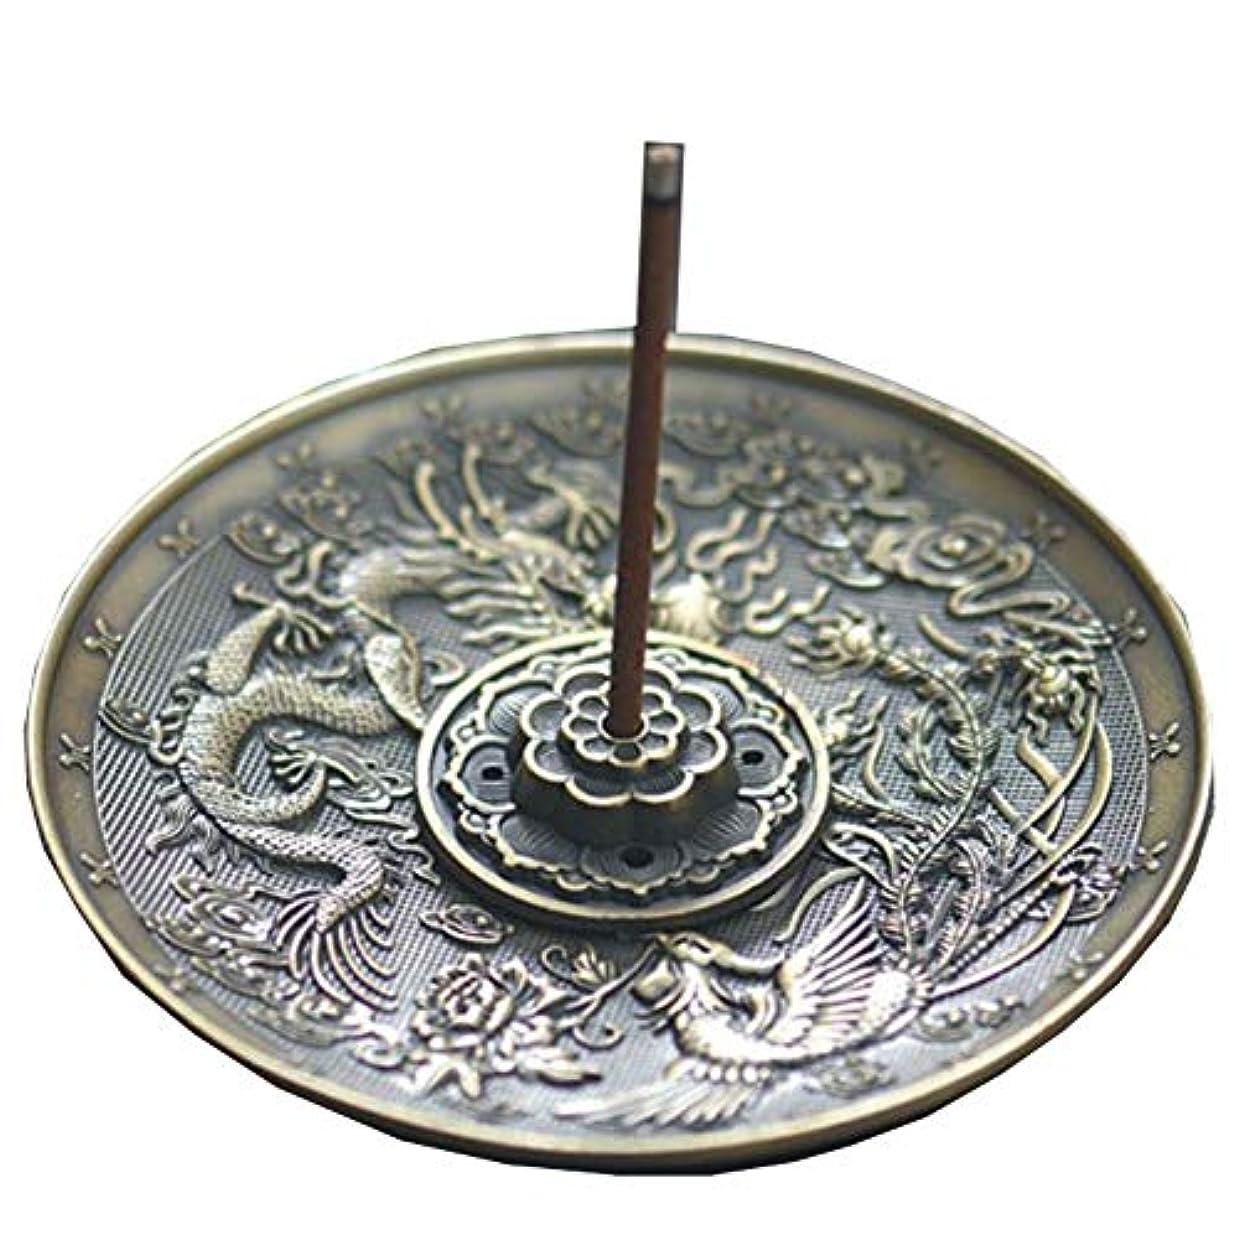 把握市民権避ける[RADISSY] お香立て 香炉 香皿 スティック 円錐 タイプ お香 スタンド 龍のデザイン (青銅色5穴)